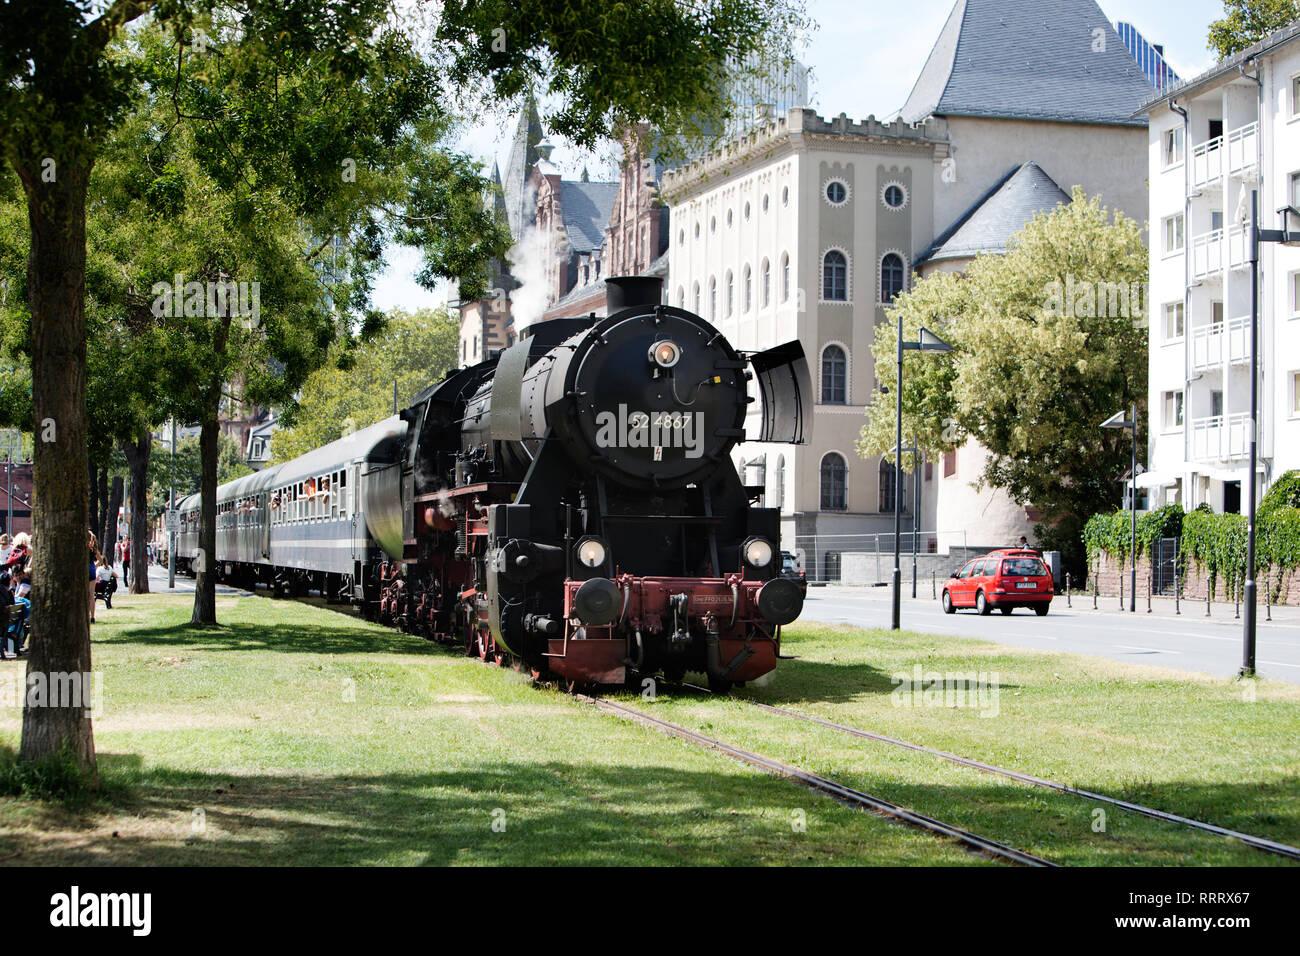 Europa Deutschland Hessen Frankfurt Sachsenhausen Alt Sachsenhausen Eisenbahn Dampflokomotive Photo Stock